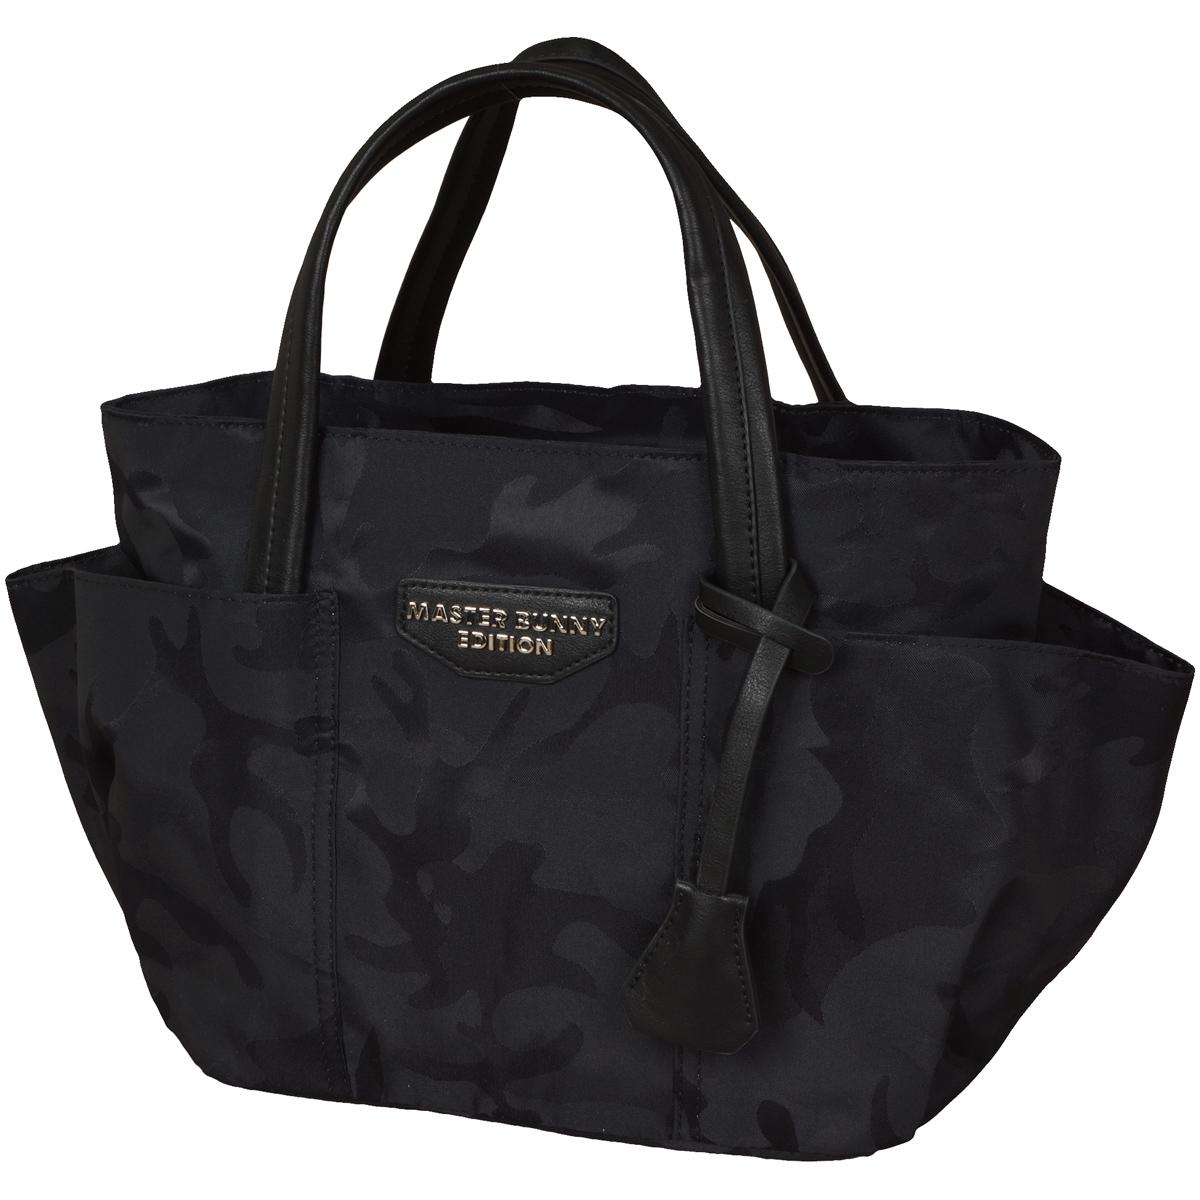 サイドポケットカートバッグ